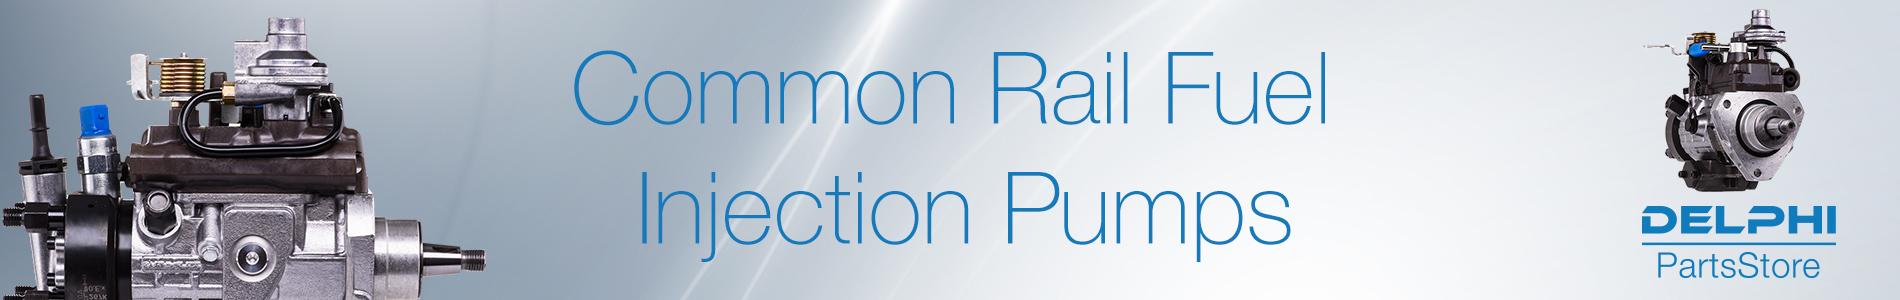 Common Rail Fuel Injection Pumps